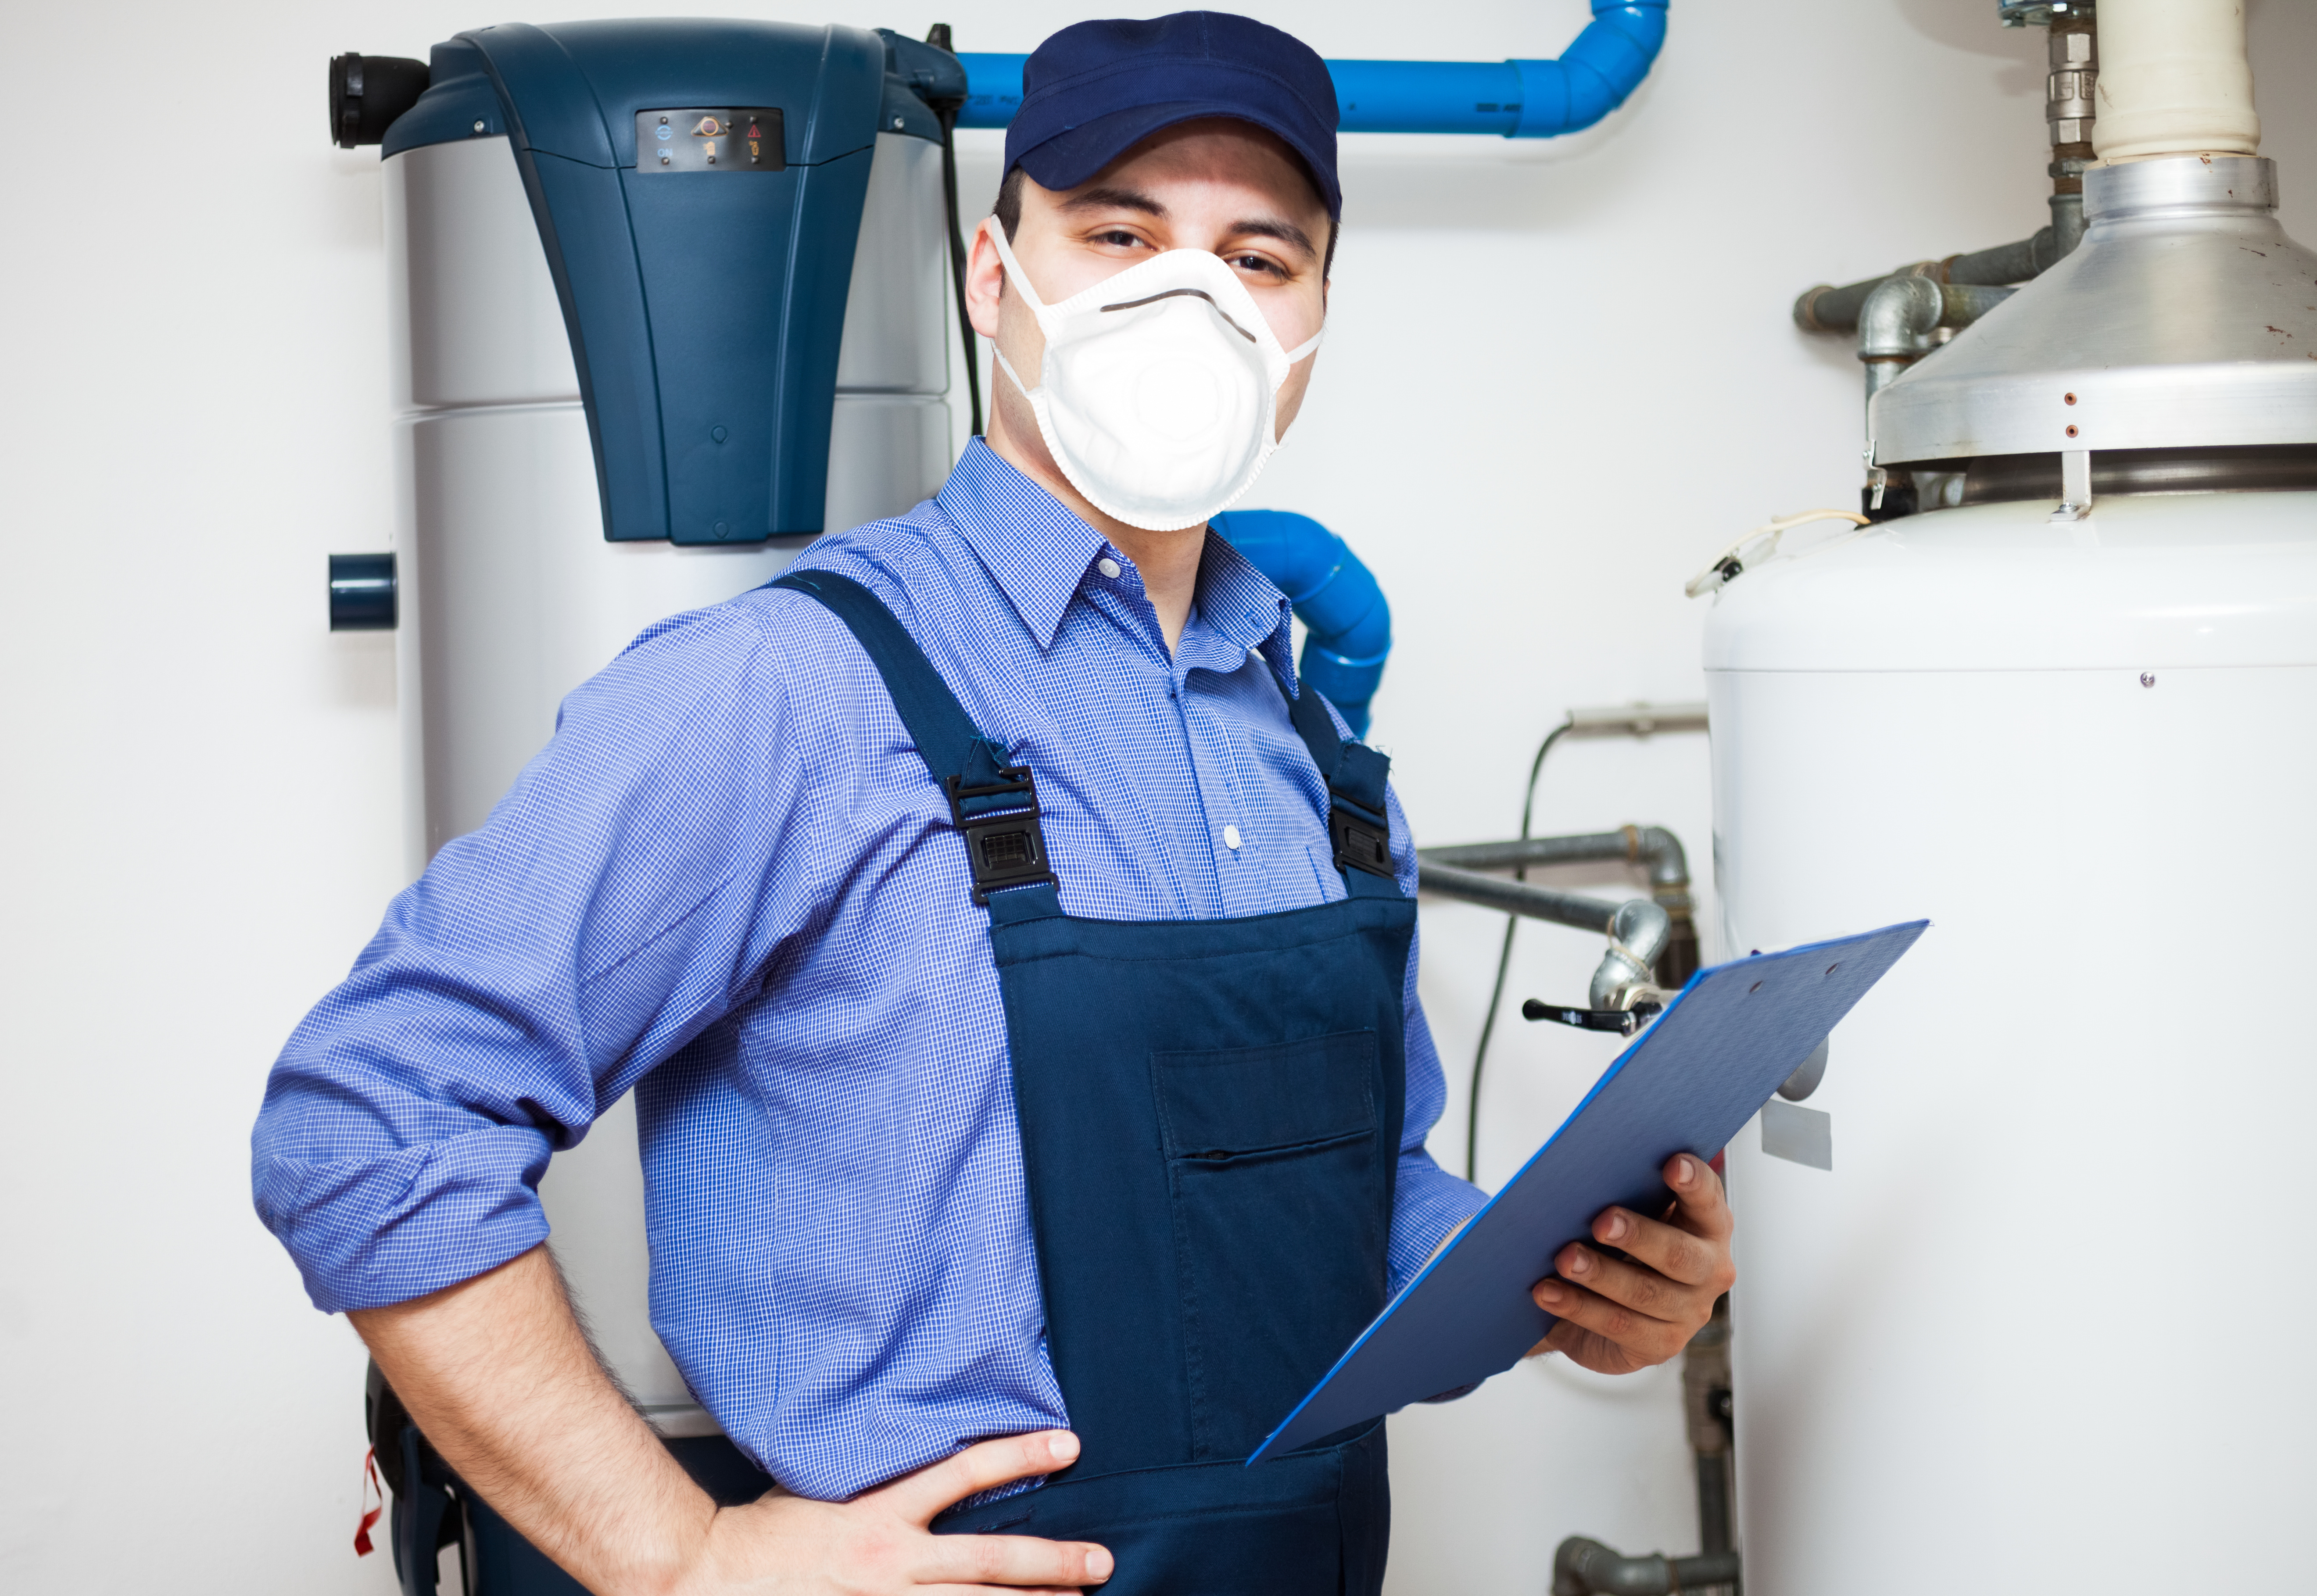 technician servicing hot water heater